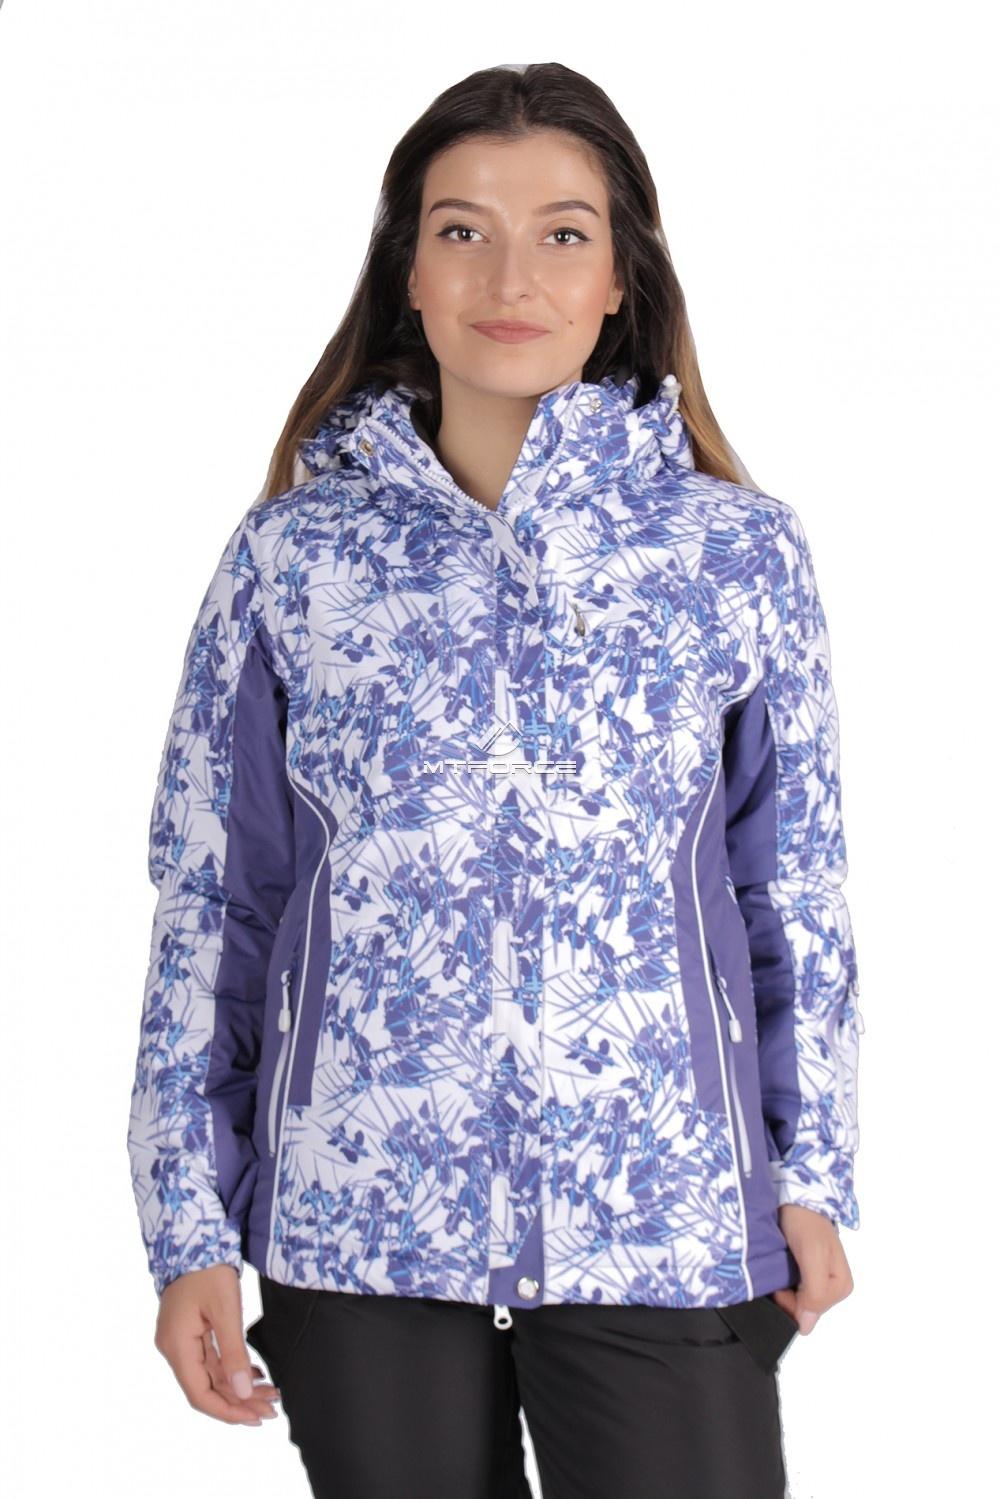 Купить                                  оптом Куртка горнолыжная женская синего цвета 15151S в Новосибирске